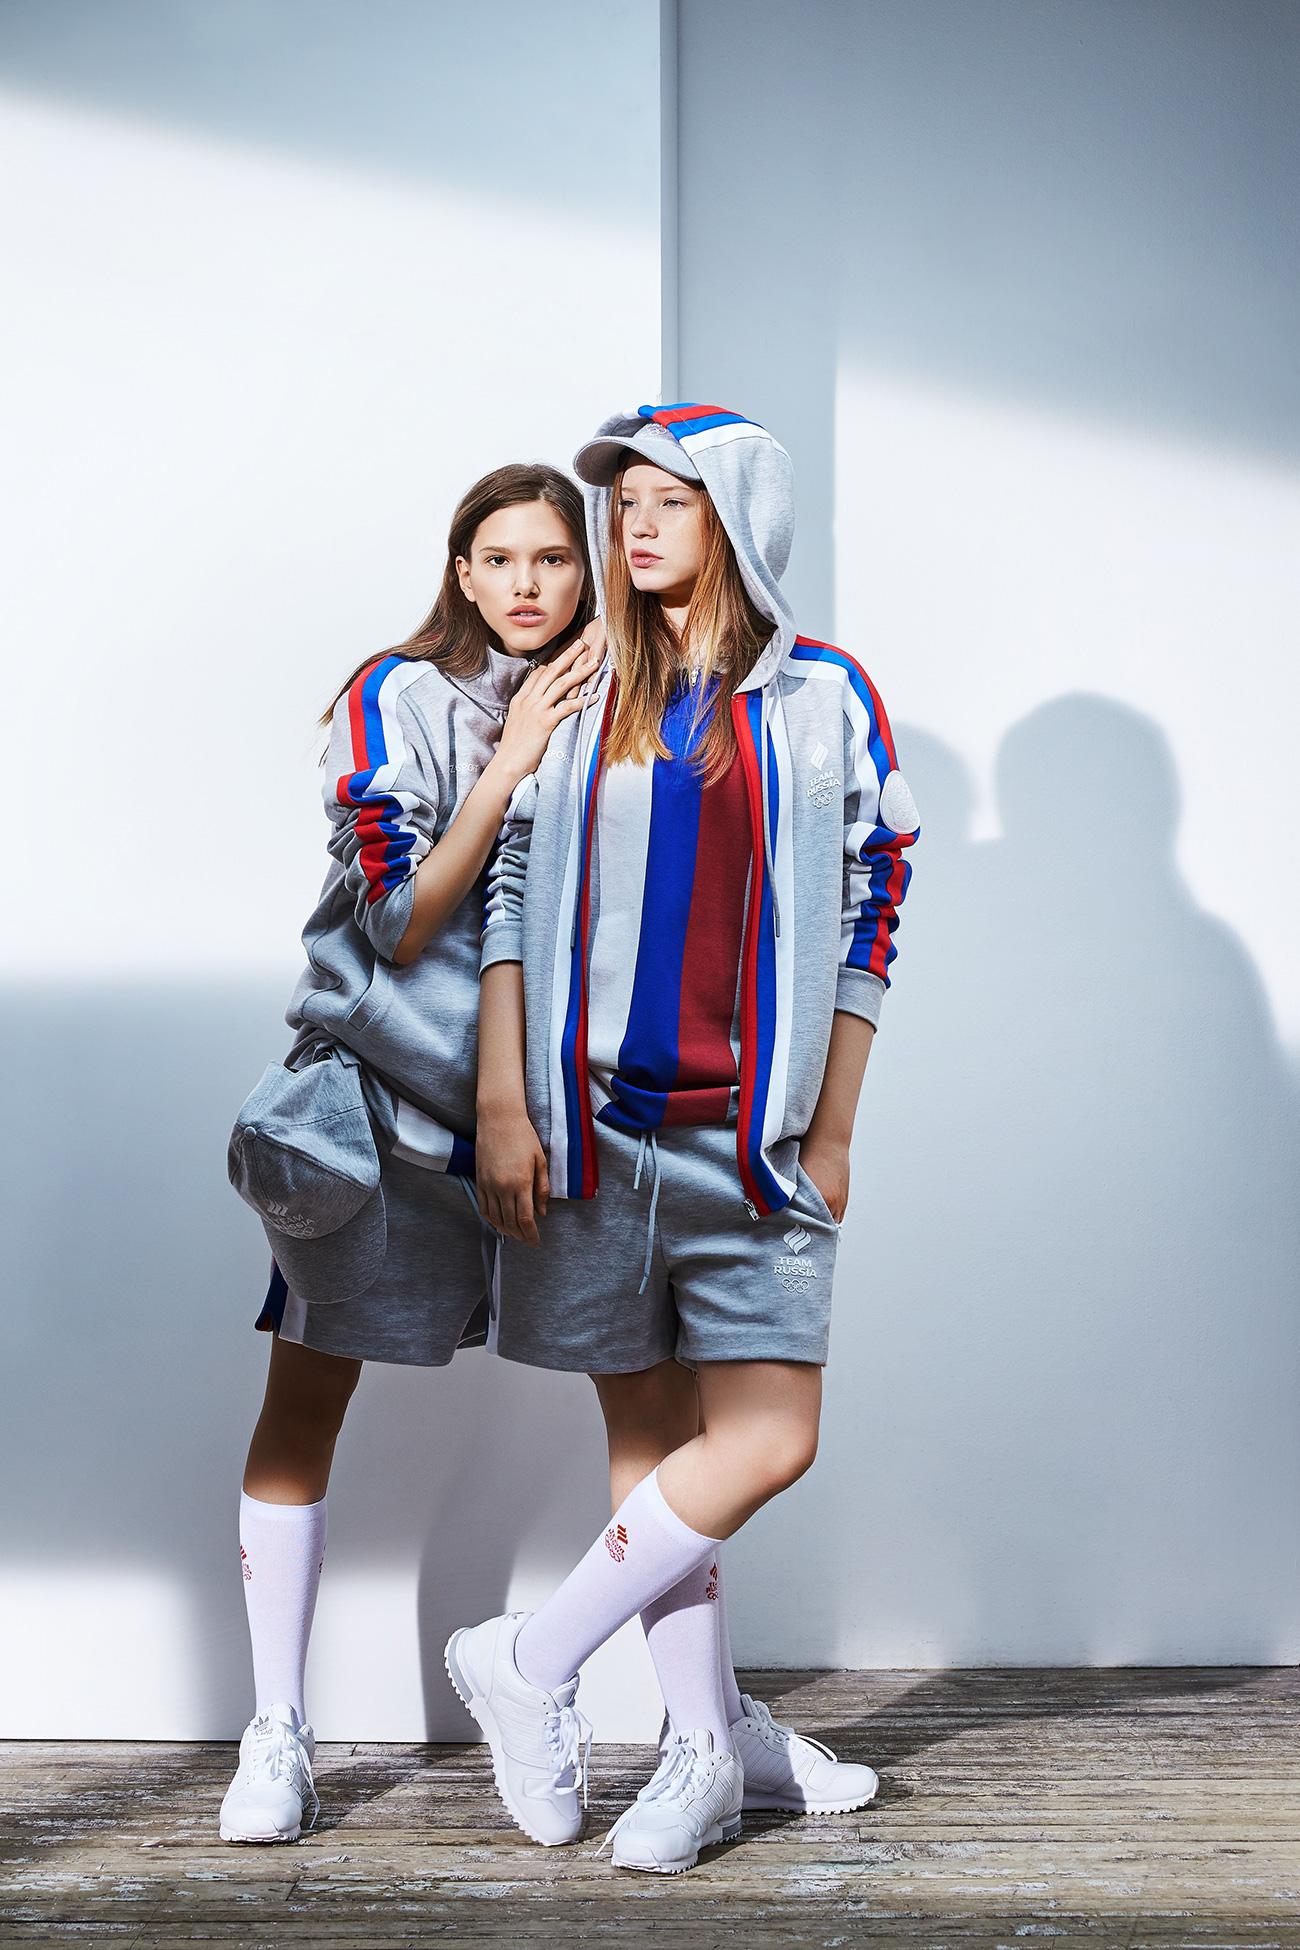 O  'cinza urbano' é usado como cor de base para muitas roupas, embora o branco, o vermelho e o azul (da bandeira russa) também tenham destaque nas peças.